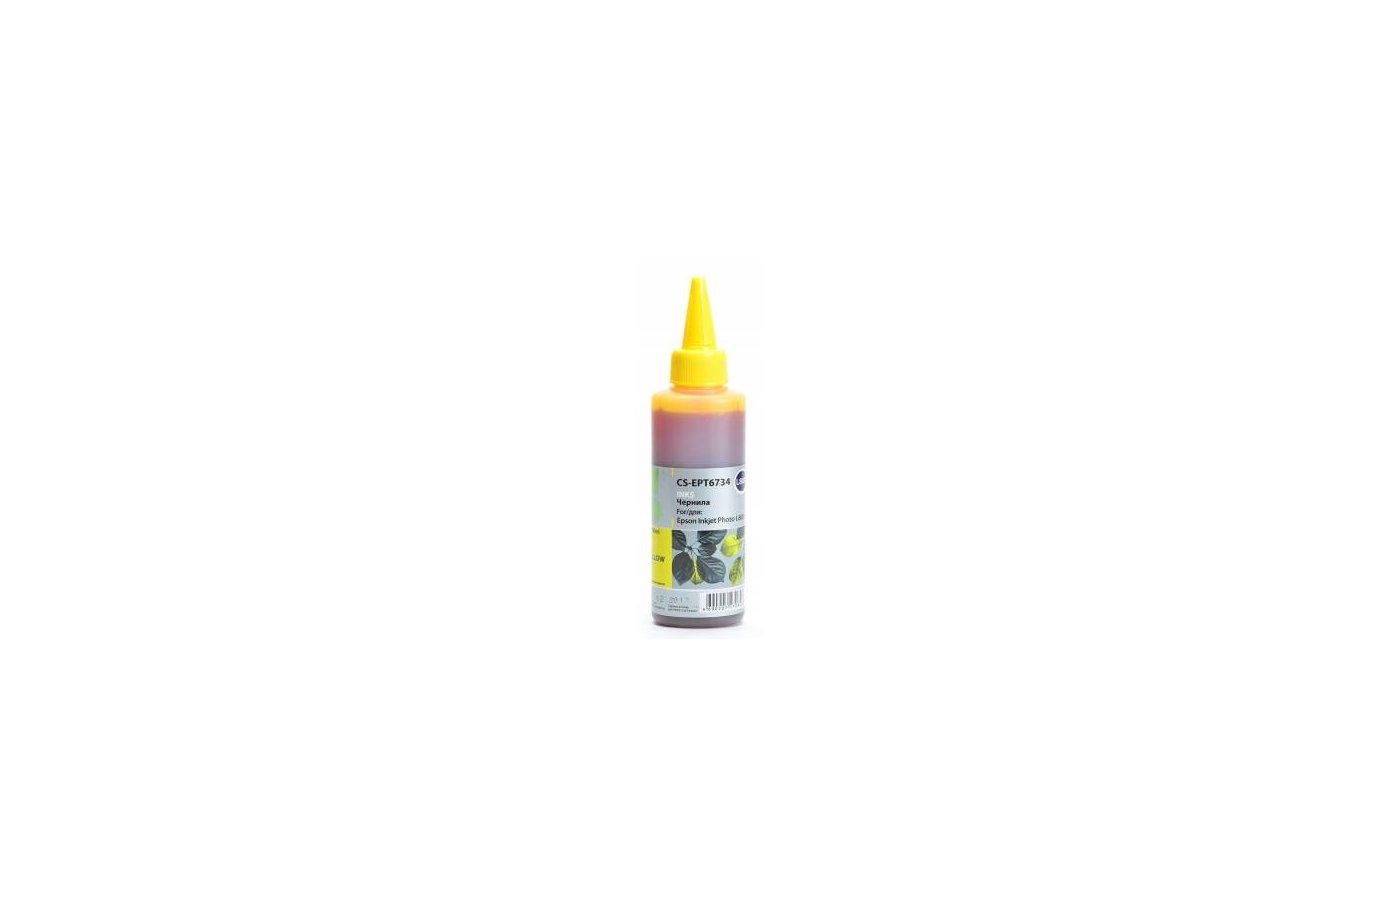 Картридж струйный Cactus CS-EPT6734 Чернила совместимые желтый (100мл) Epson L800